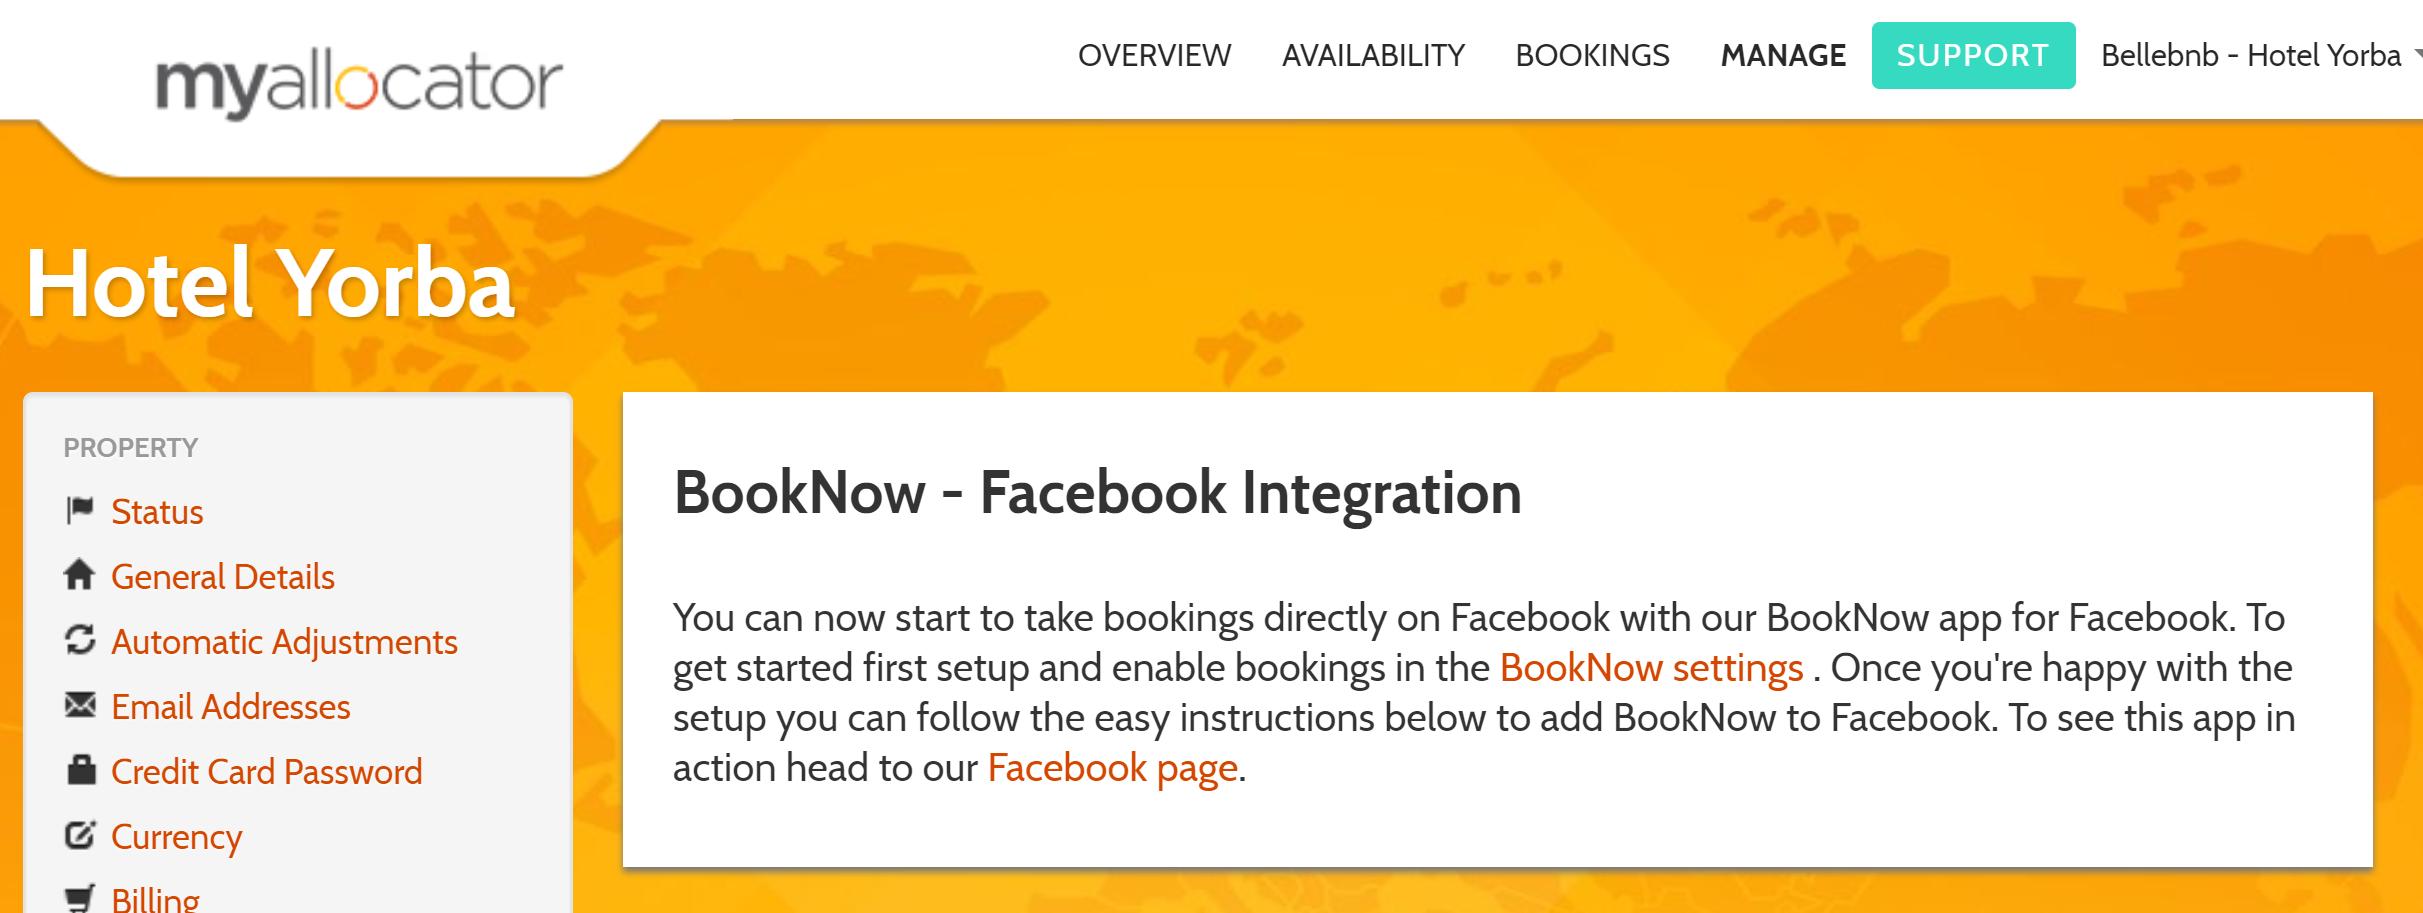 Vous pouvez accepter les réservations directement à partir de la page Facebook de votre hôtel en utilisant l'un des widgets d'intégration disponibles via notre gestionnaire de chaîne. L'ajout d'un widget de réservation peut se faire en quelques étapes seulement, et toutes vos réservations via votre page Facebook sont sans commission., Hotel PMS, facebook hotel reservation software, facebook hotel management software, facebook B&B PMS, facebook Bed & Breakfasts PMS Software, facebook bed and breakfast management software, facebook bed and breakfast reservation software